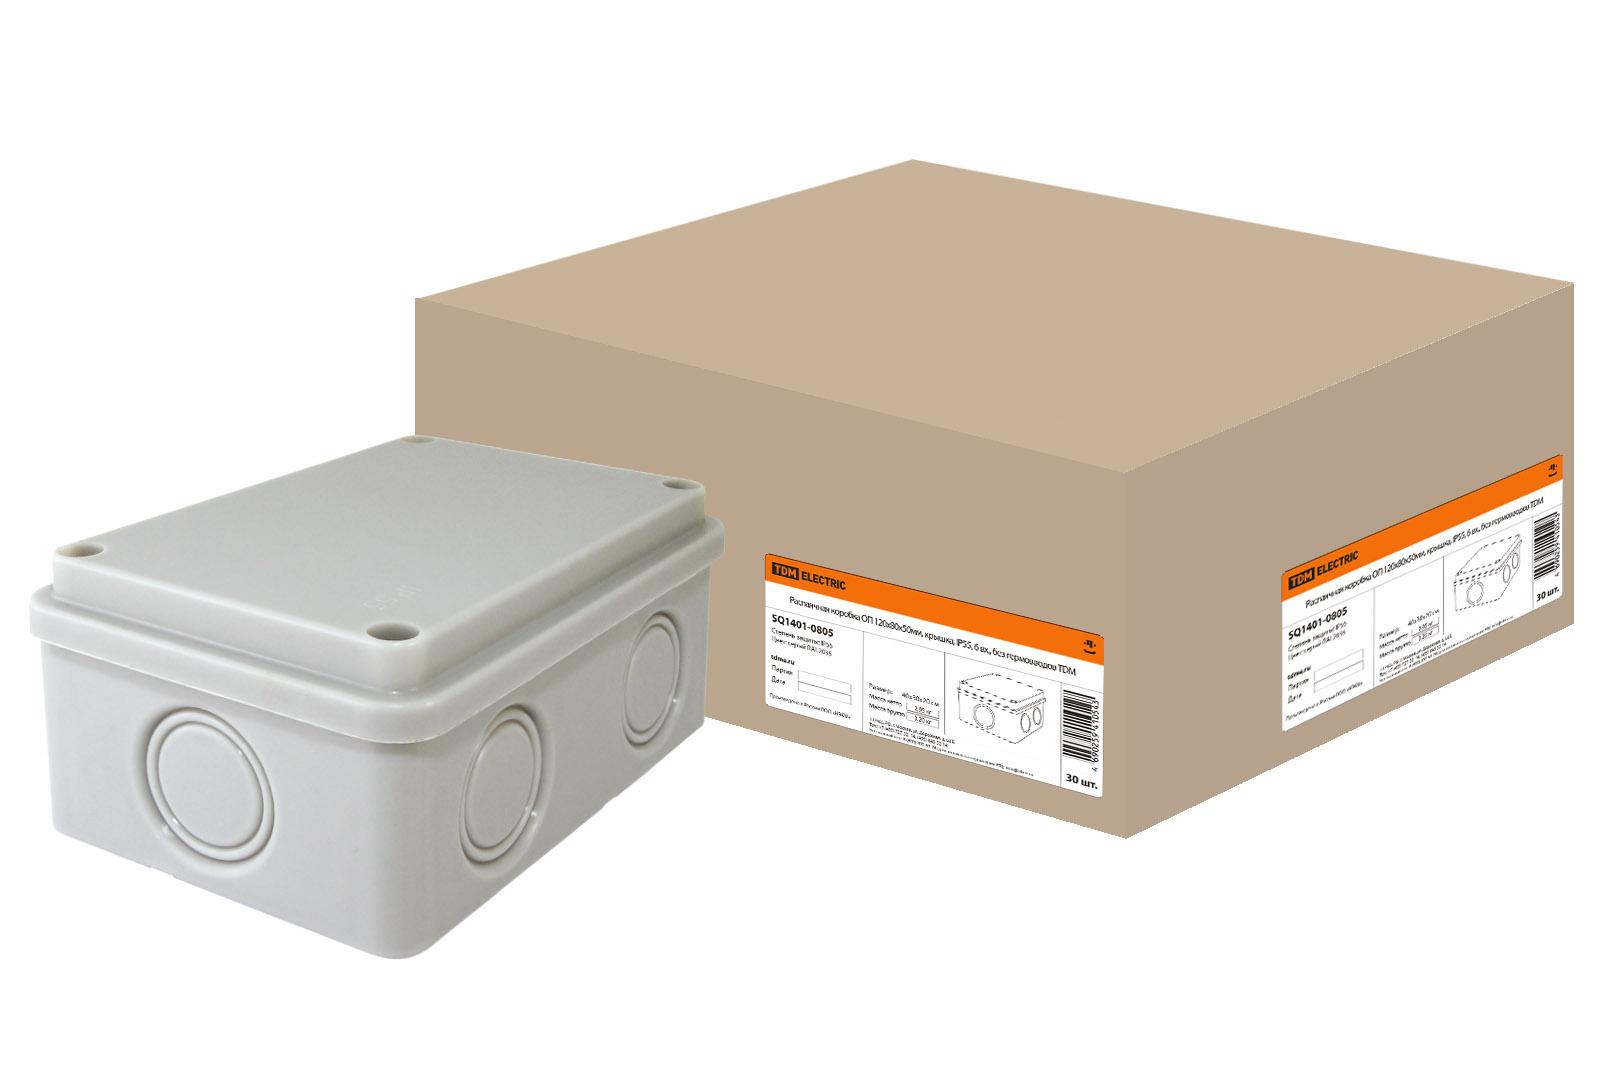 Фото Распаячная коробка ОП 120х80х50мм, крышка, IP55, 6 вх., без гермовводов TDM {SQ1401-0805}